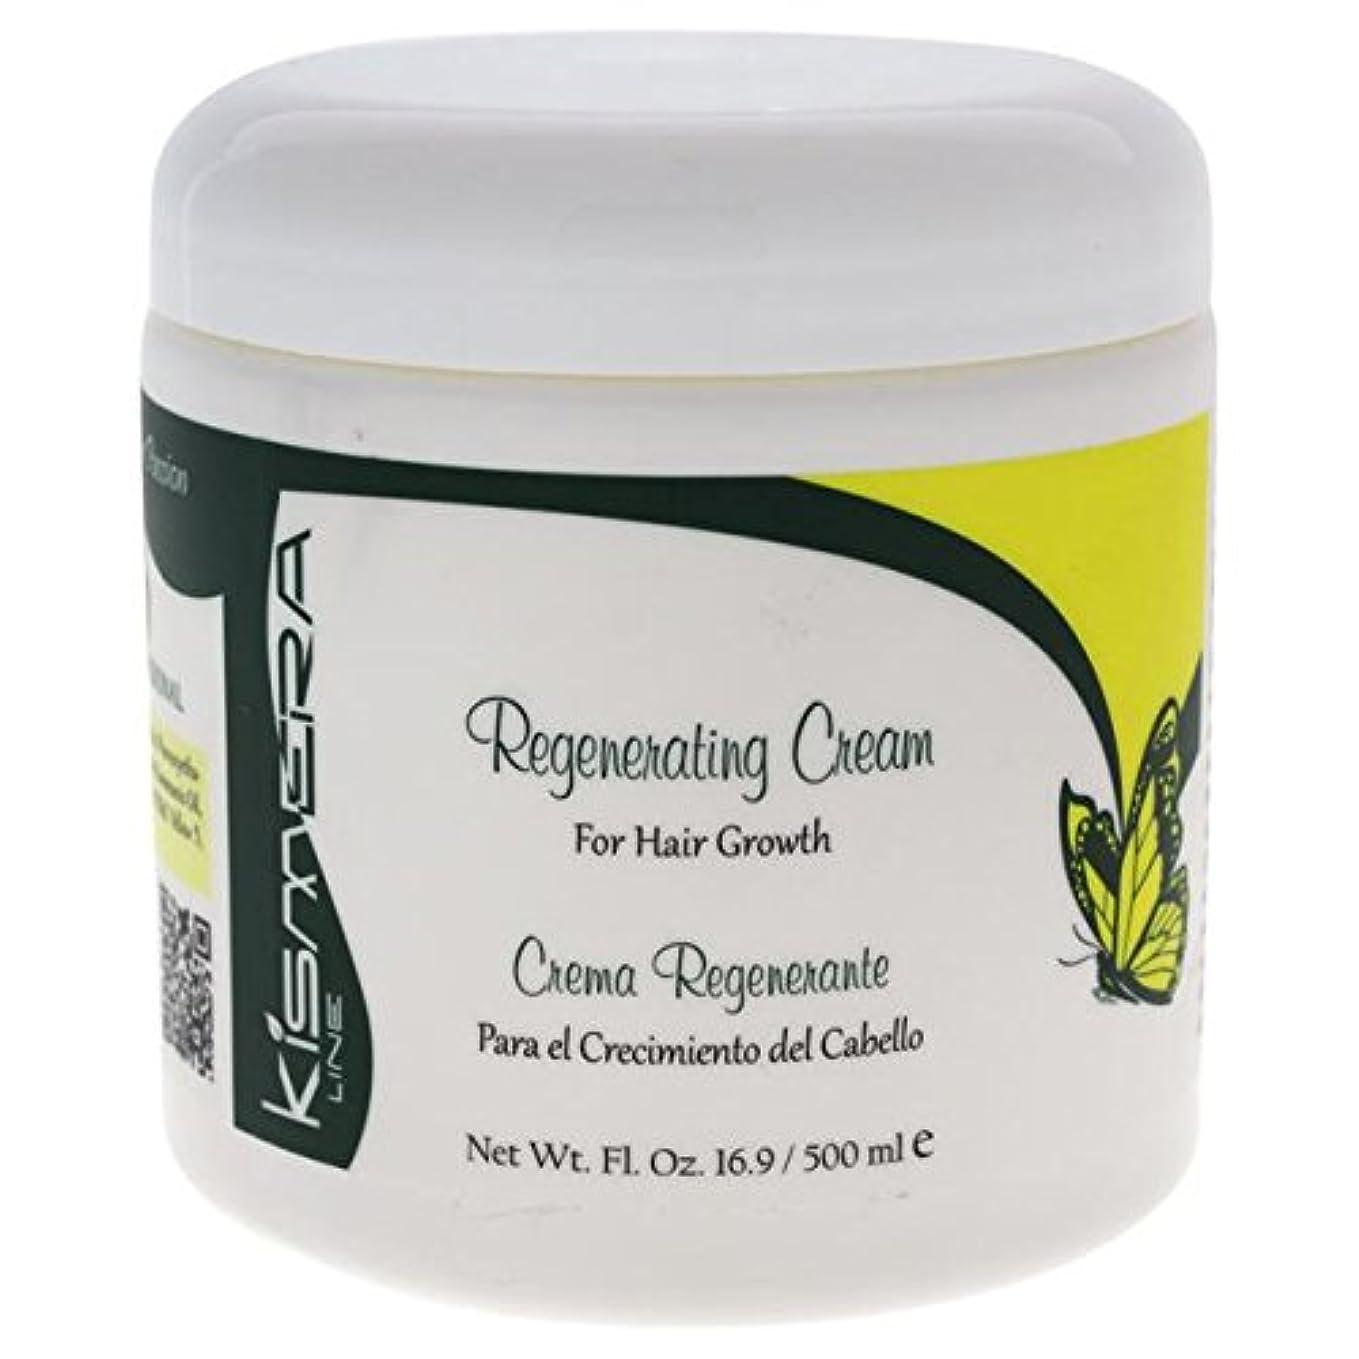 ラジウムクラウド毒Kismera Regenerating Cream for Hair Growth 16.9oz by KUZ